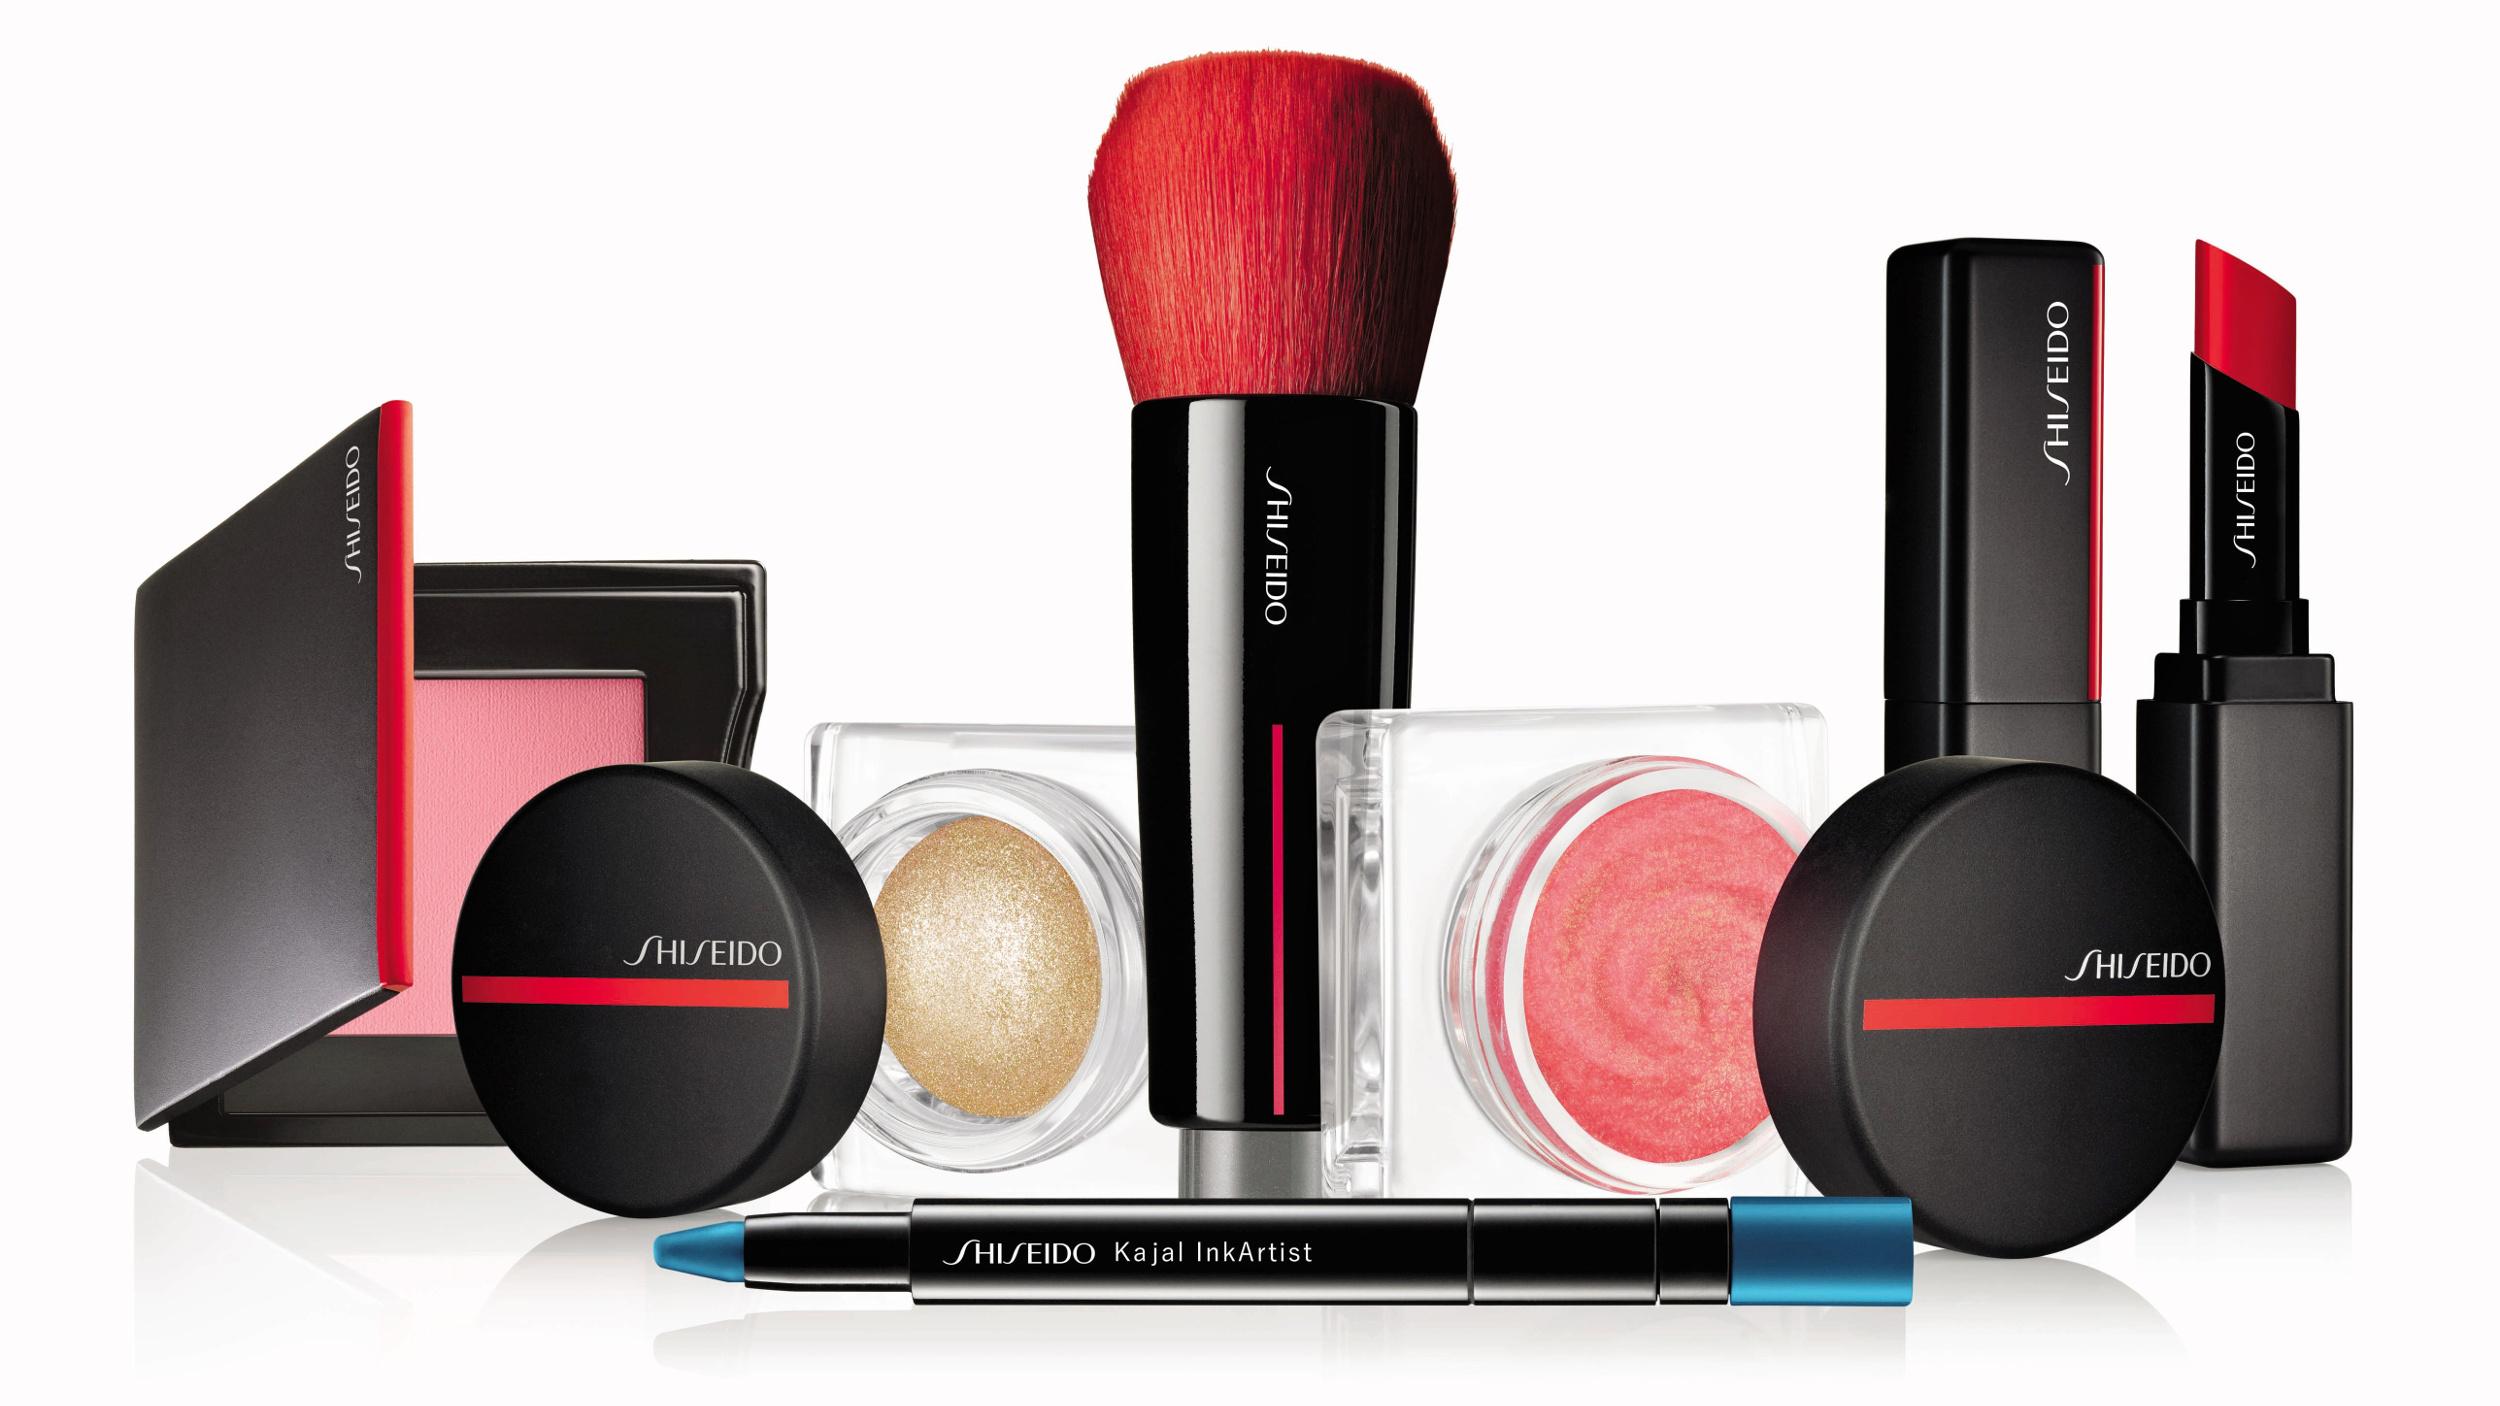 Shiseido looks to Asia for 50% growth of namesake brand - Nikkei Asia